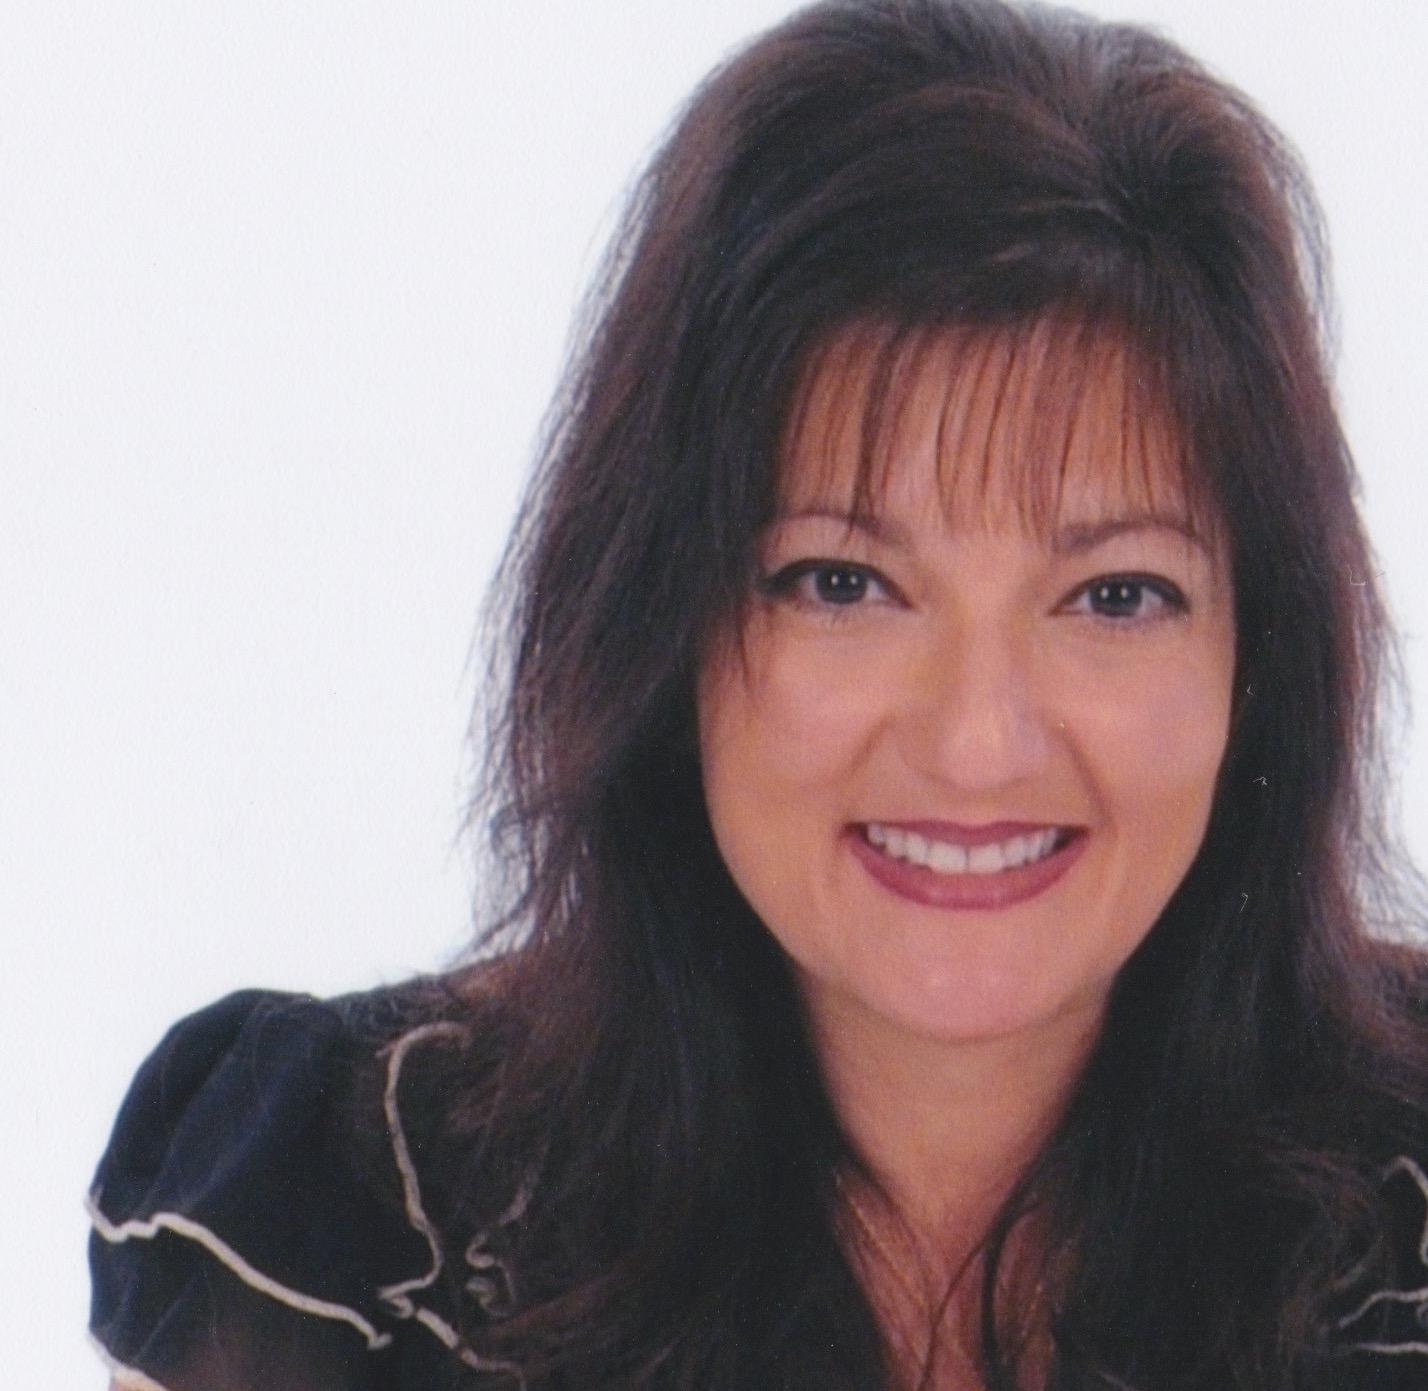 Maria Zouves